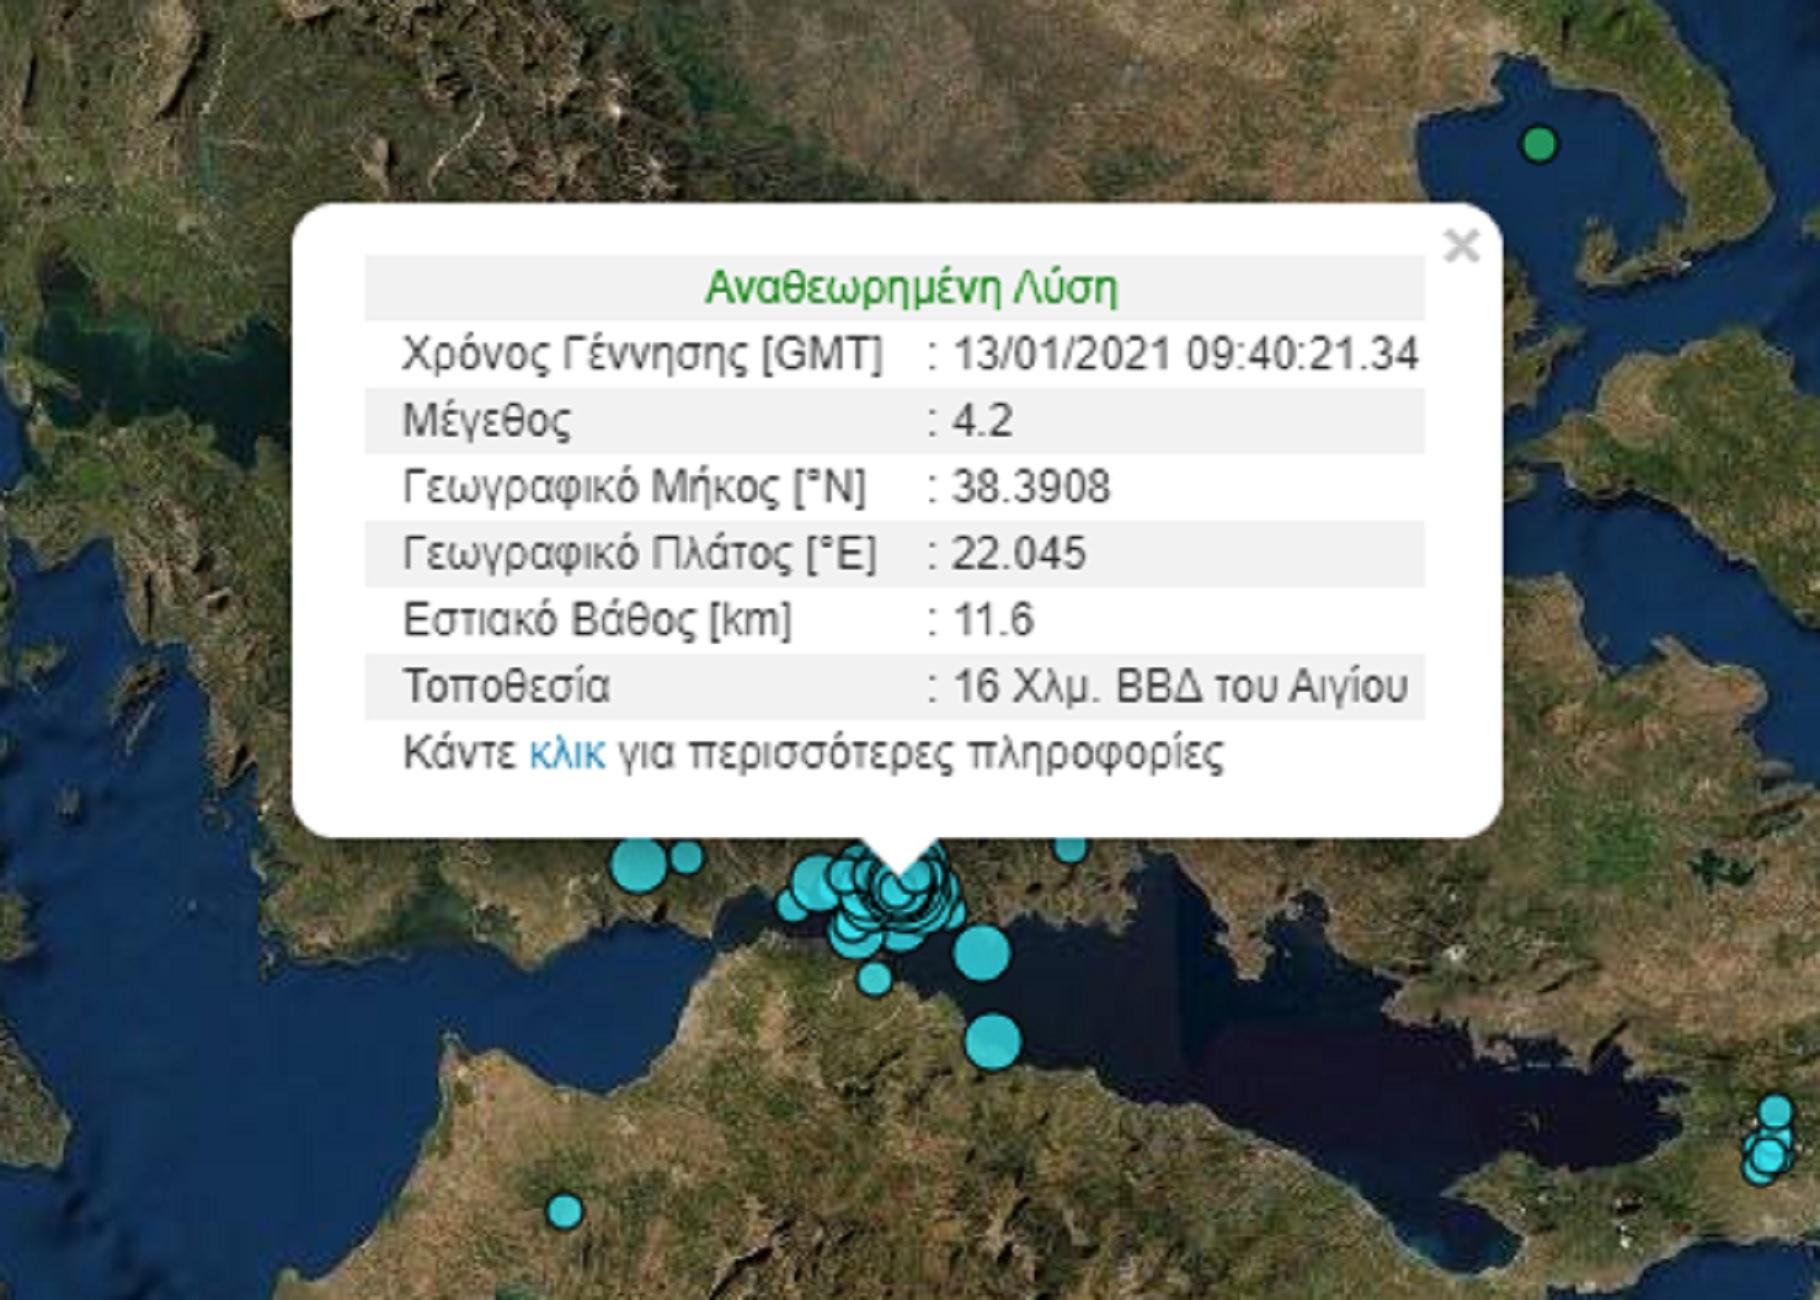 Σεισμός 4,2 Ρίχτερ ταρακούνησε Ναύπακτο και Αίγιο – Η γη συνεχίζει να σείεται (video)